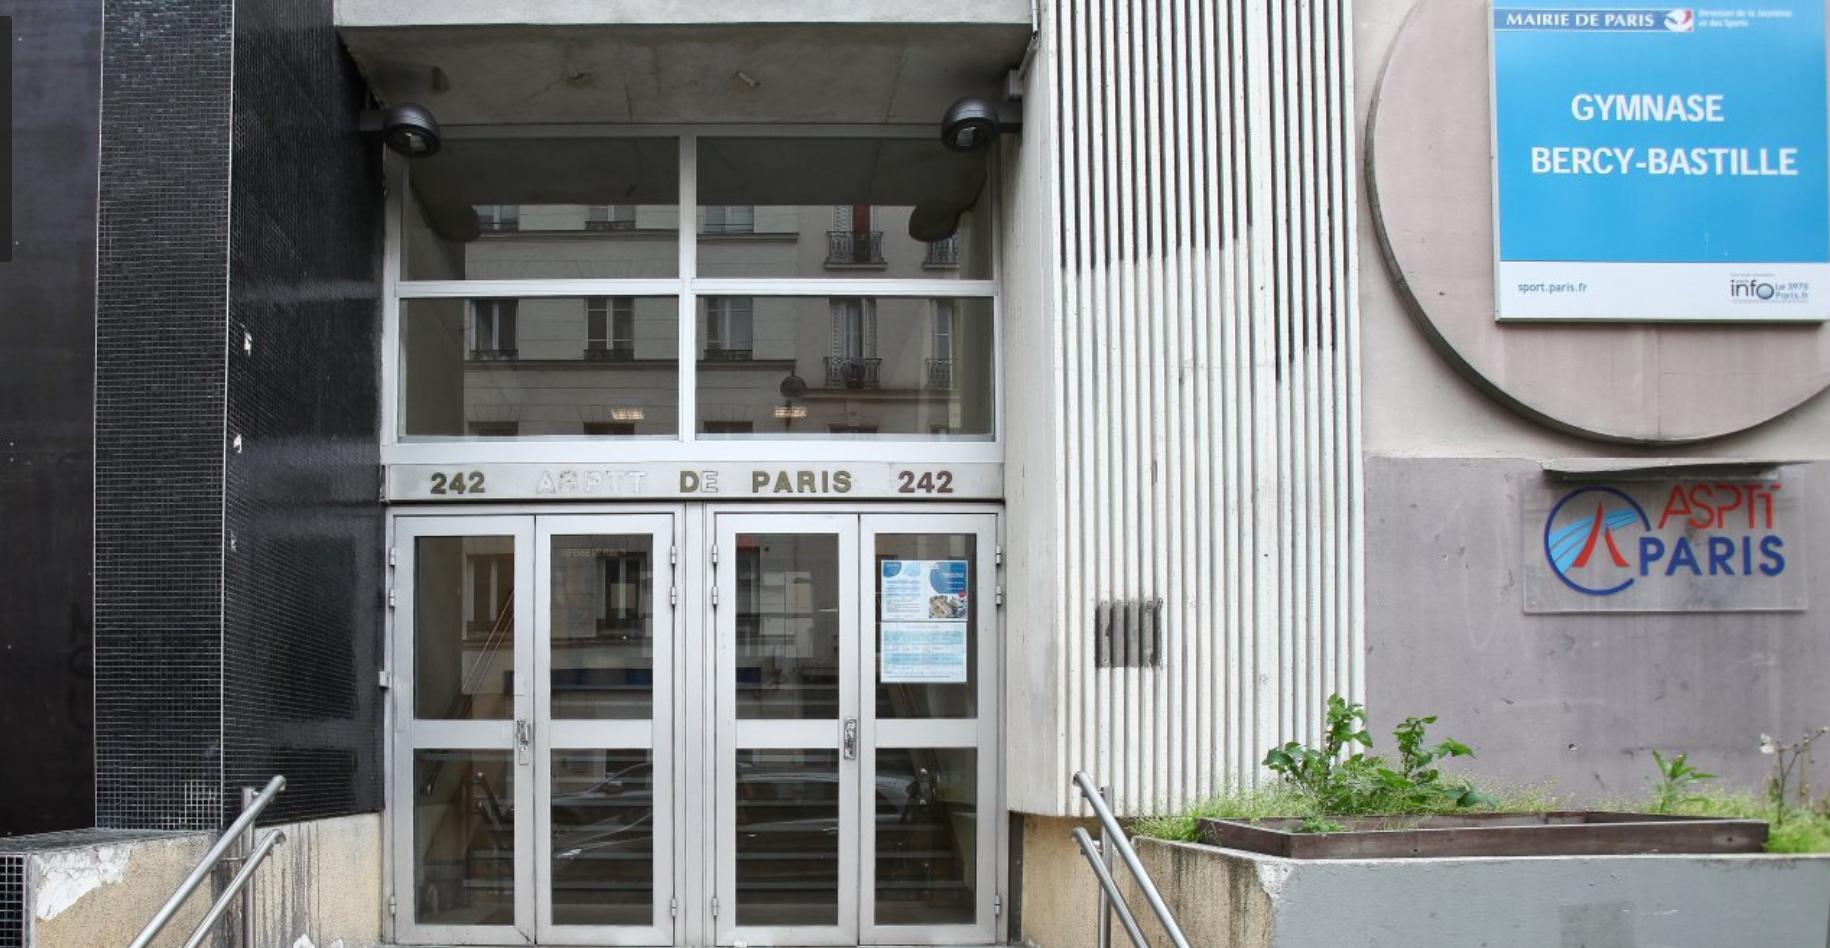 Photo 2 Les meilleurs tarifs  et activités pour le centre Espace Sportif Bercy Paris